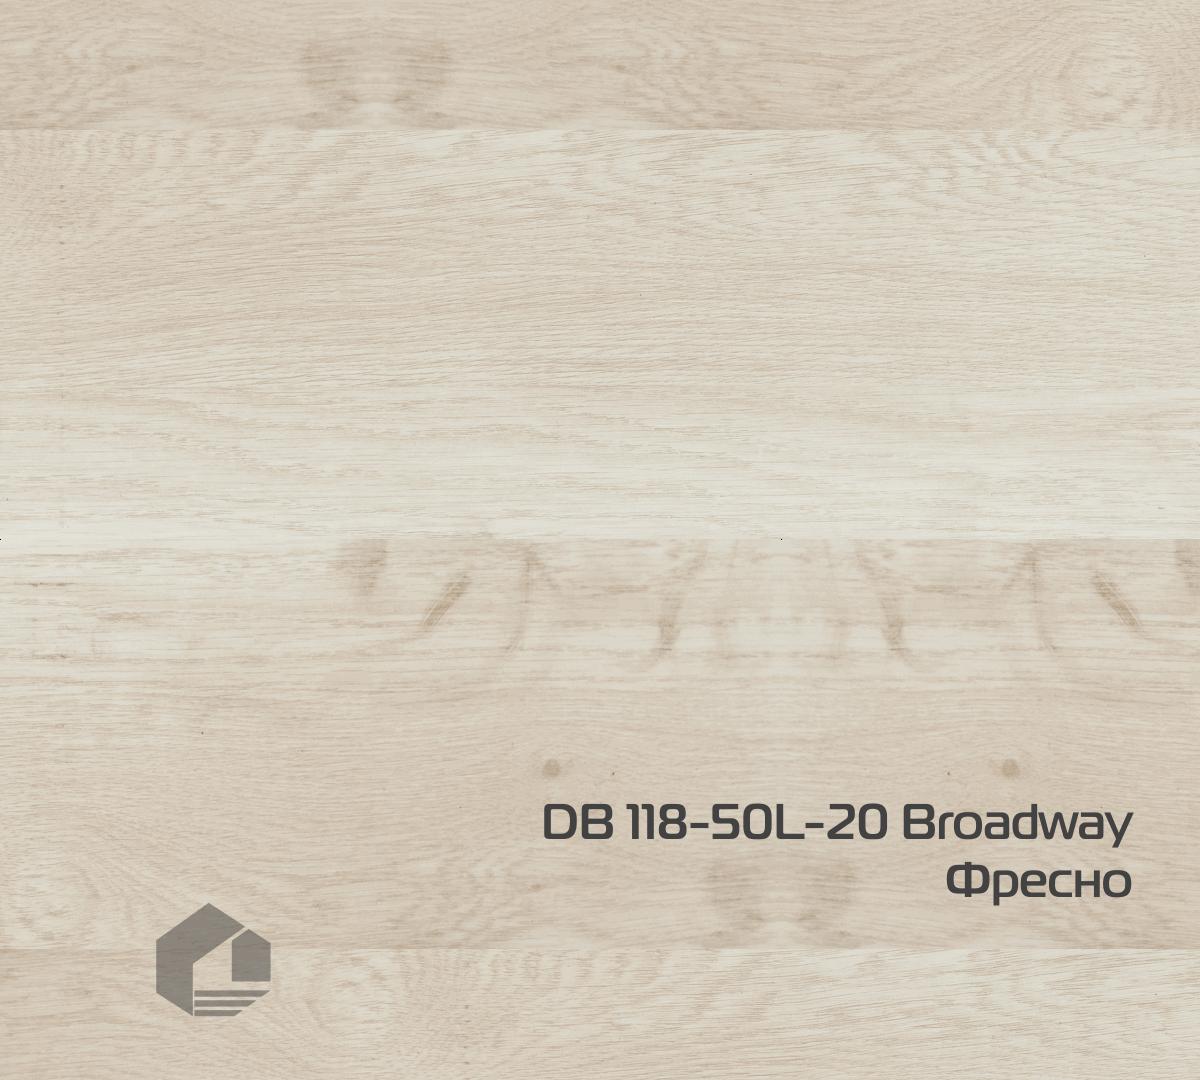 Кварцвиниловая плитка Wonderful Vinyl Floor Broadway DB 118-50L-20 Фресно